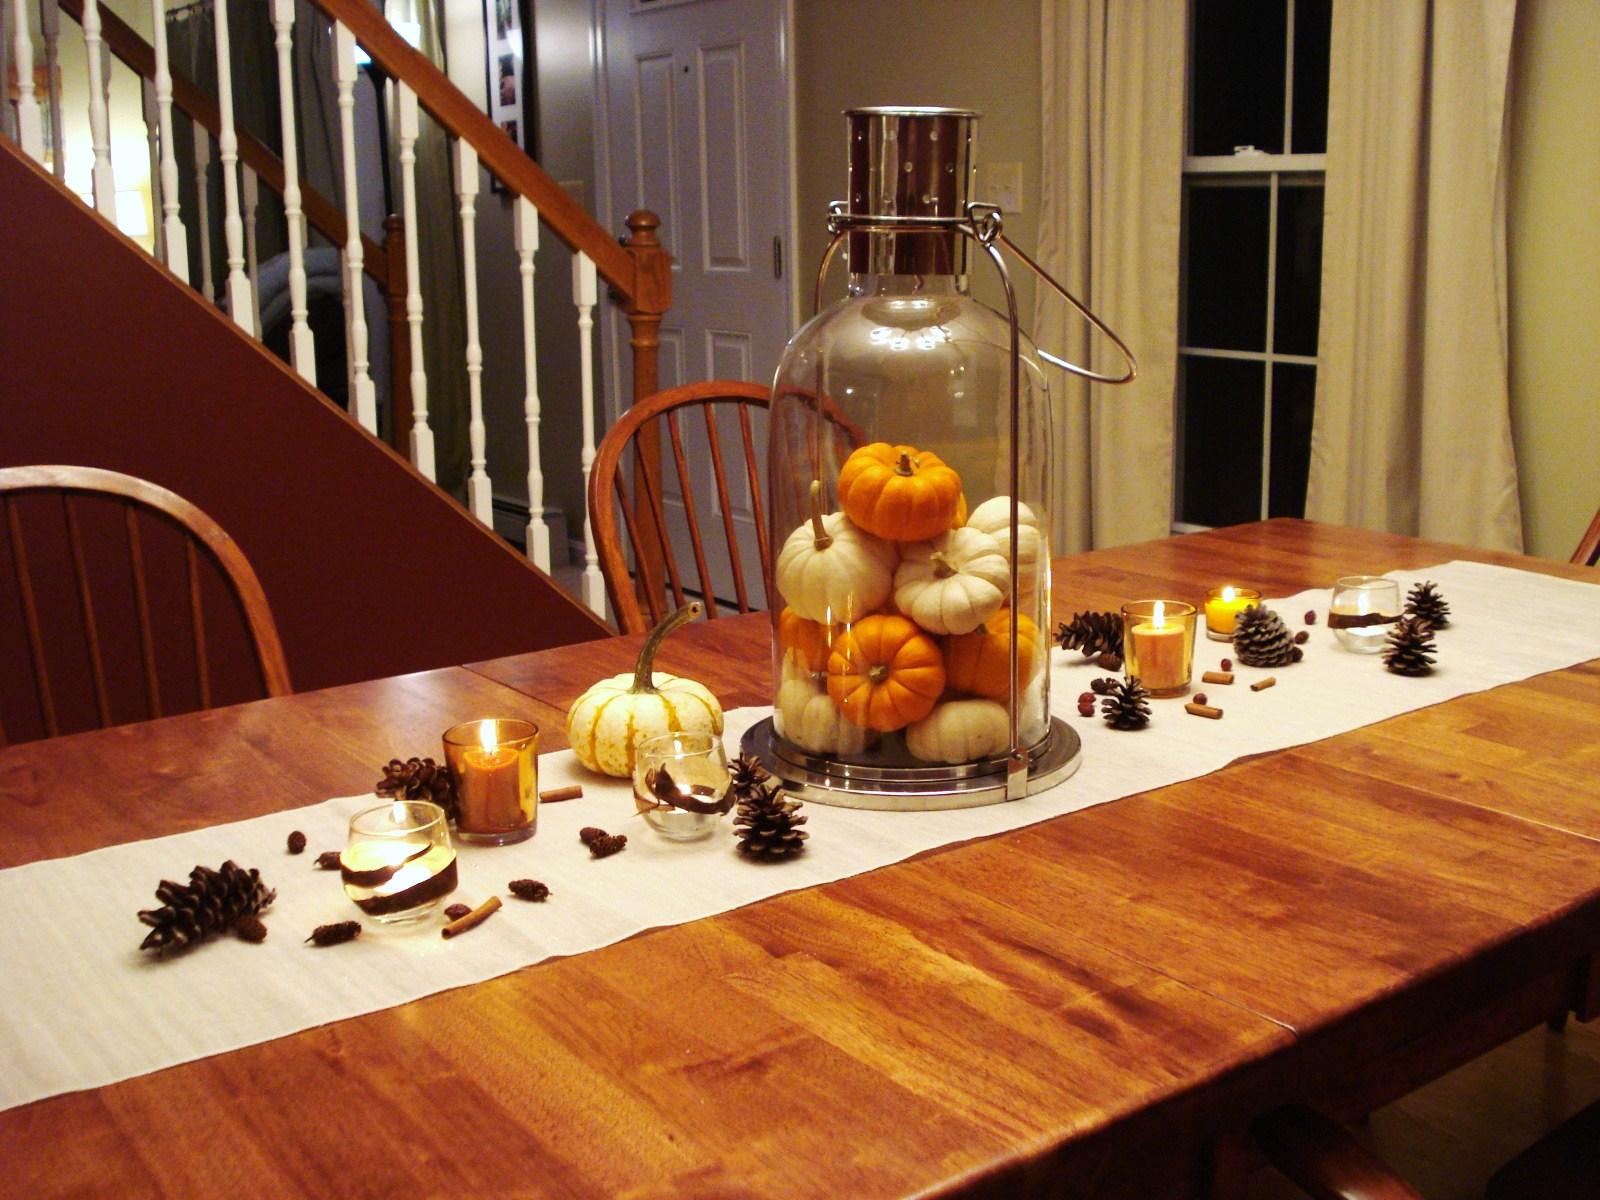 Heart Maine Home: A Cozy Fall Centerpiece